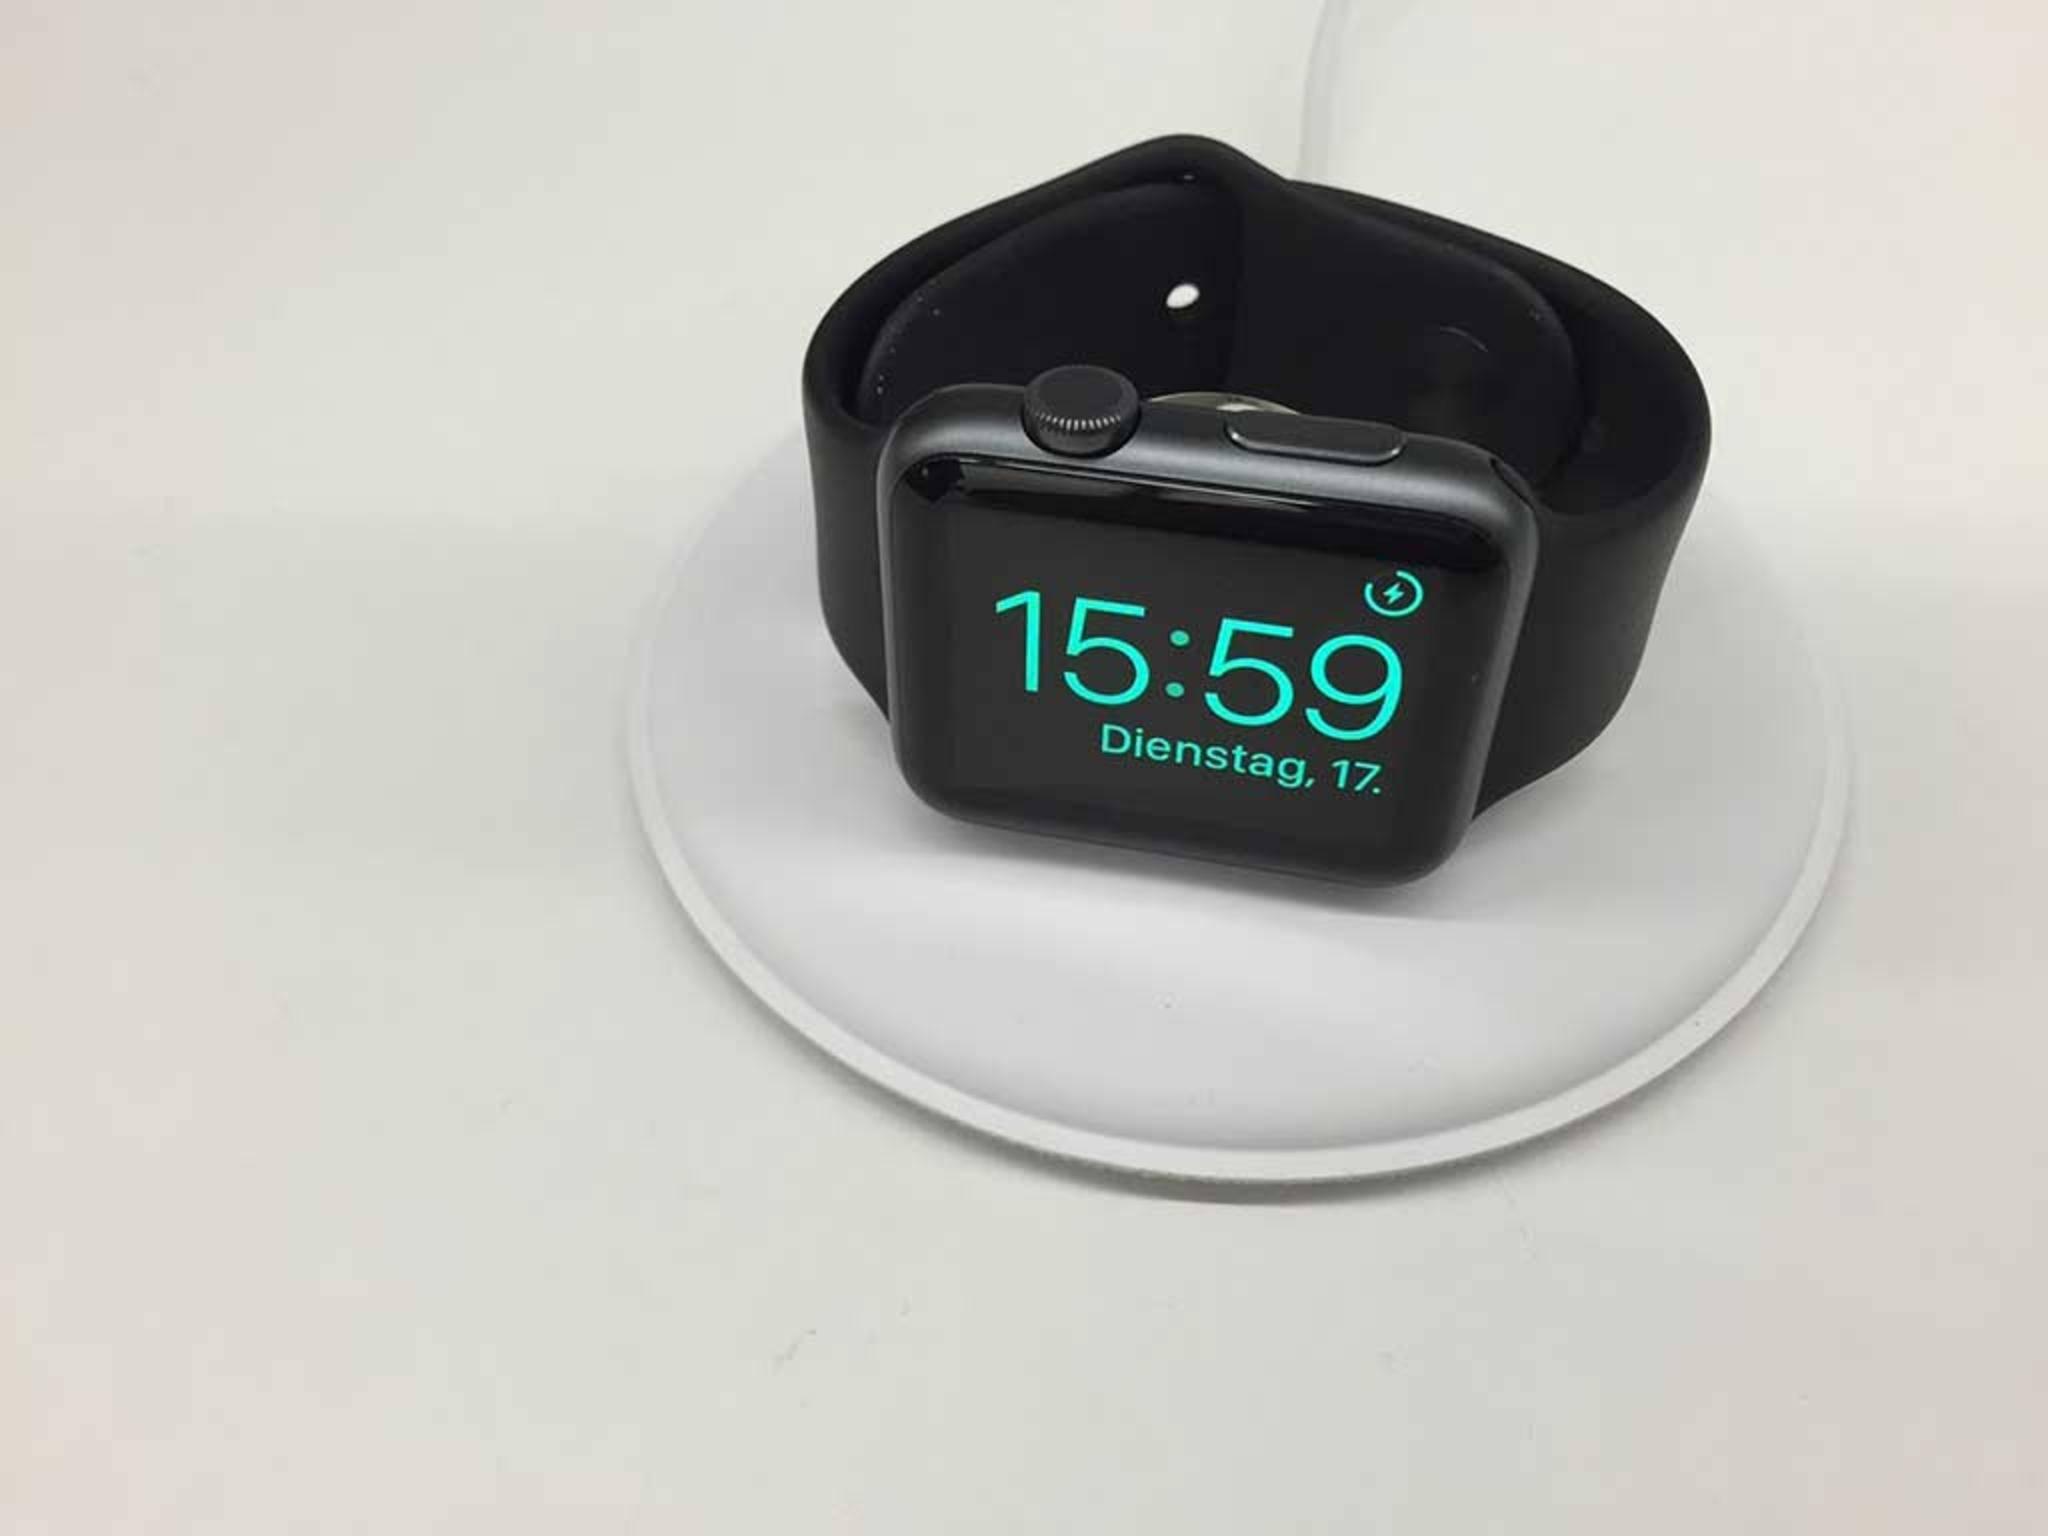 Die Apple Watch kann auf dem Ladedock im neuen Nachttisch-Modus betrieben werden.